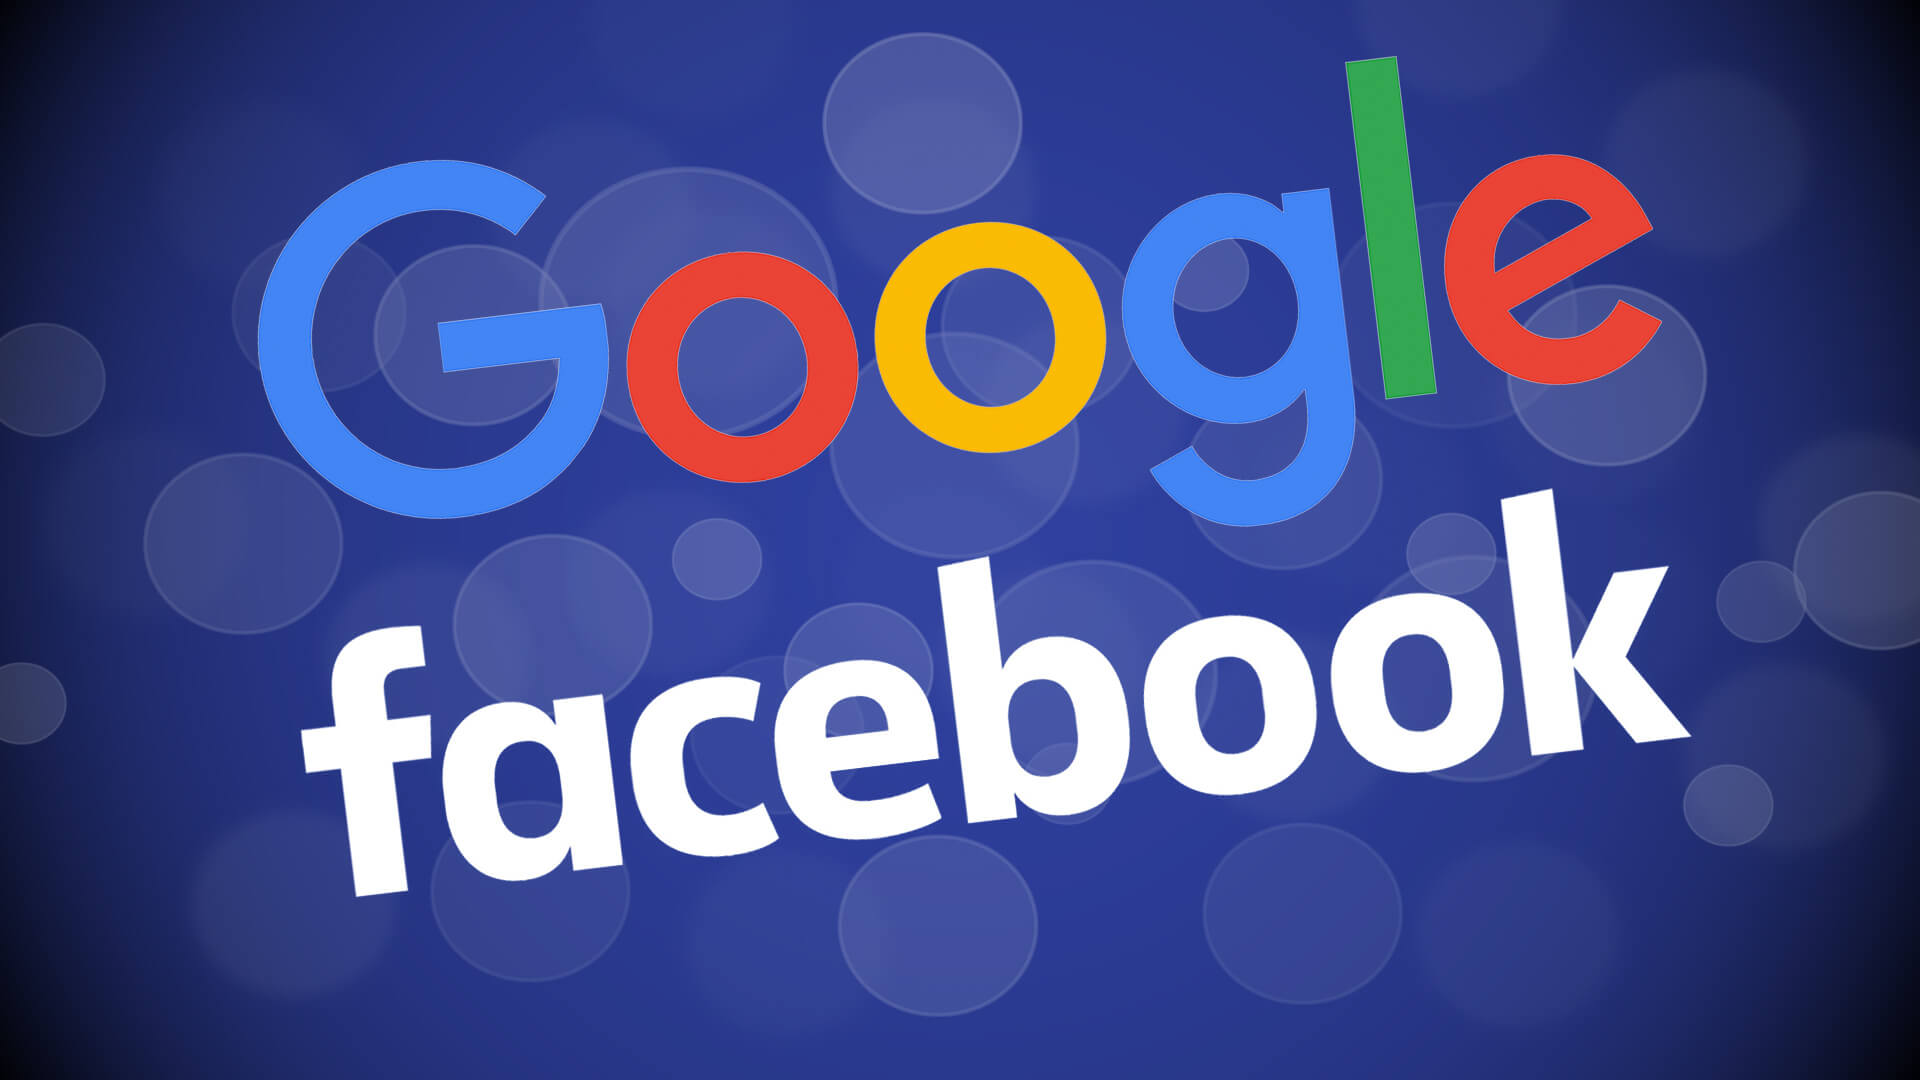 """欧洲通讯社指责谷歌、脸书等巨头""""掠夺""""新闻却不付费"""